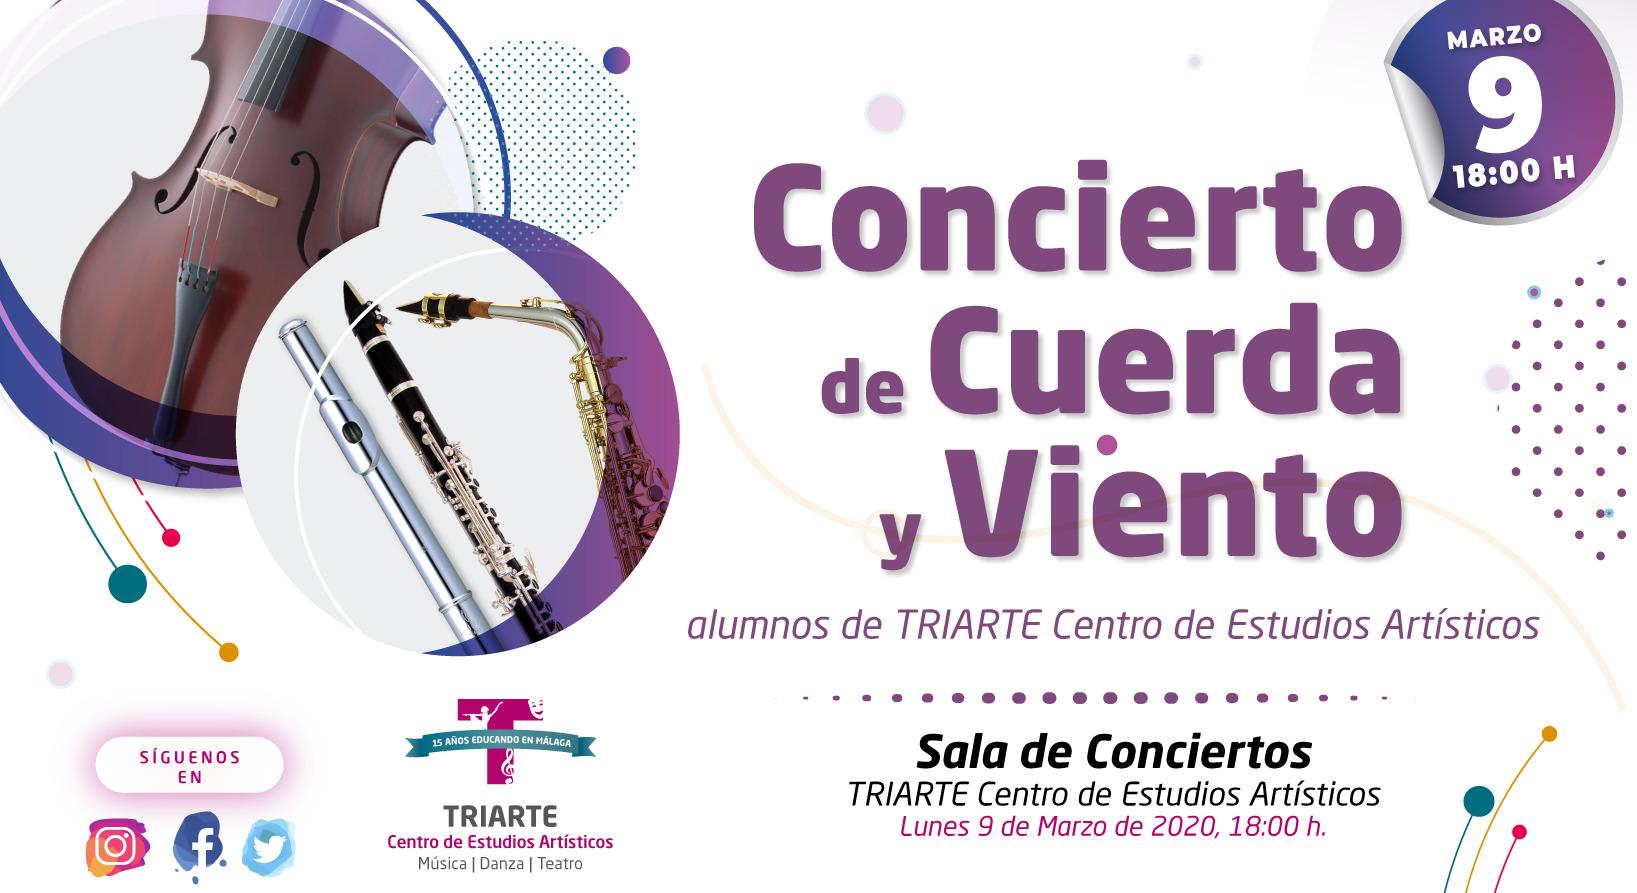 Concierto de Violonchelo, Flauta, Clarinete y SAxofón. Alumnos de TRIARTE, Málaga. Conservatorio de Málaga